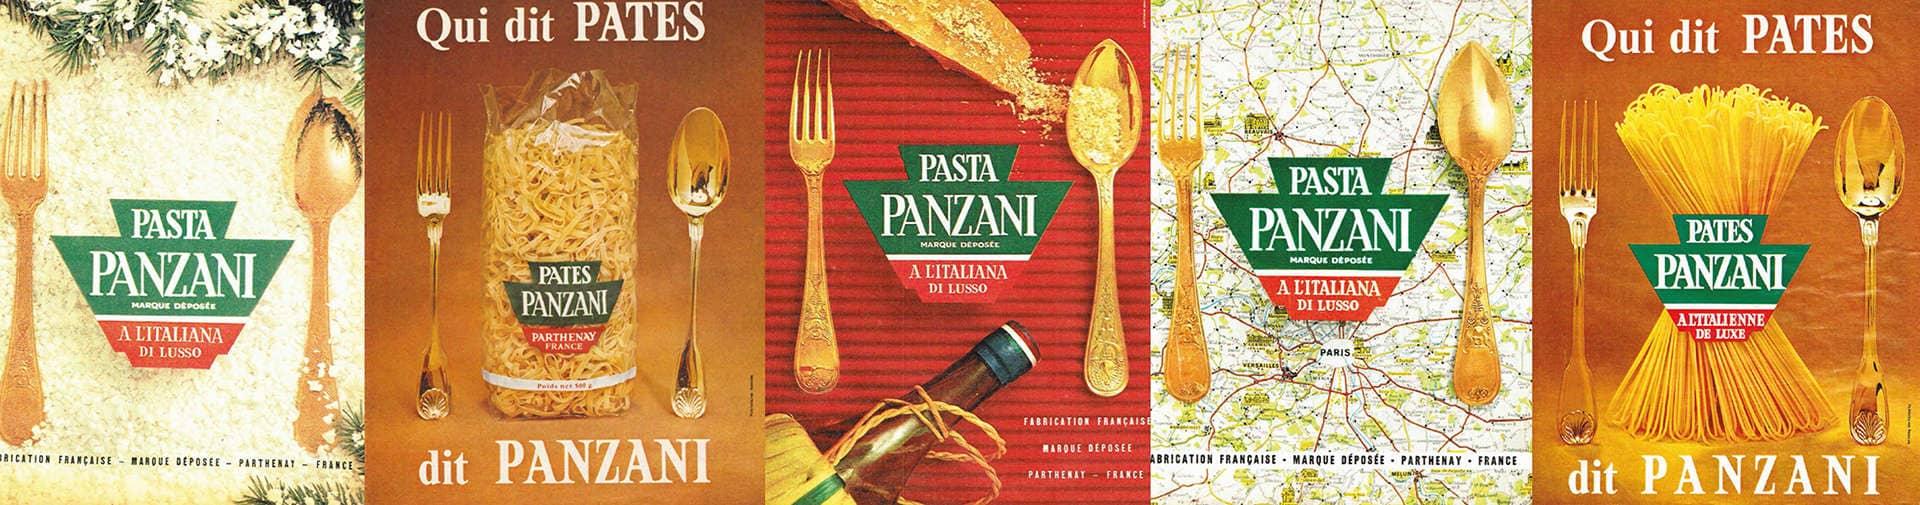 Affiches Panzani